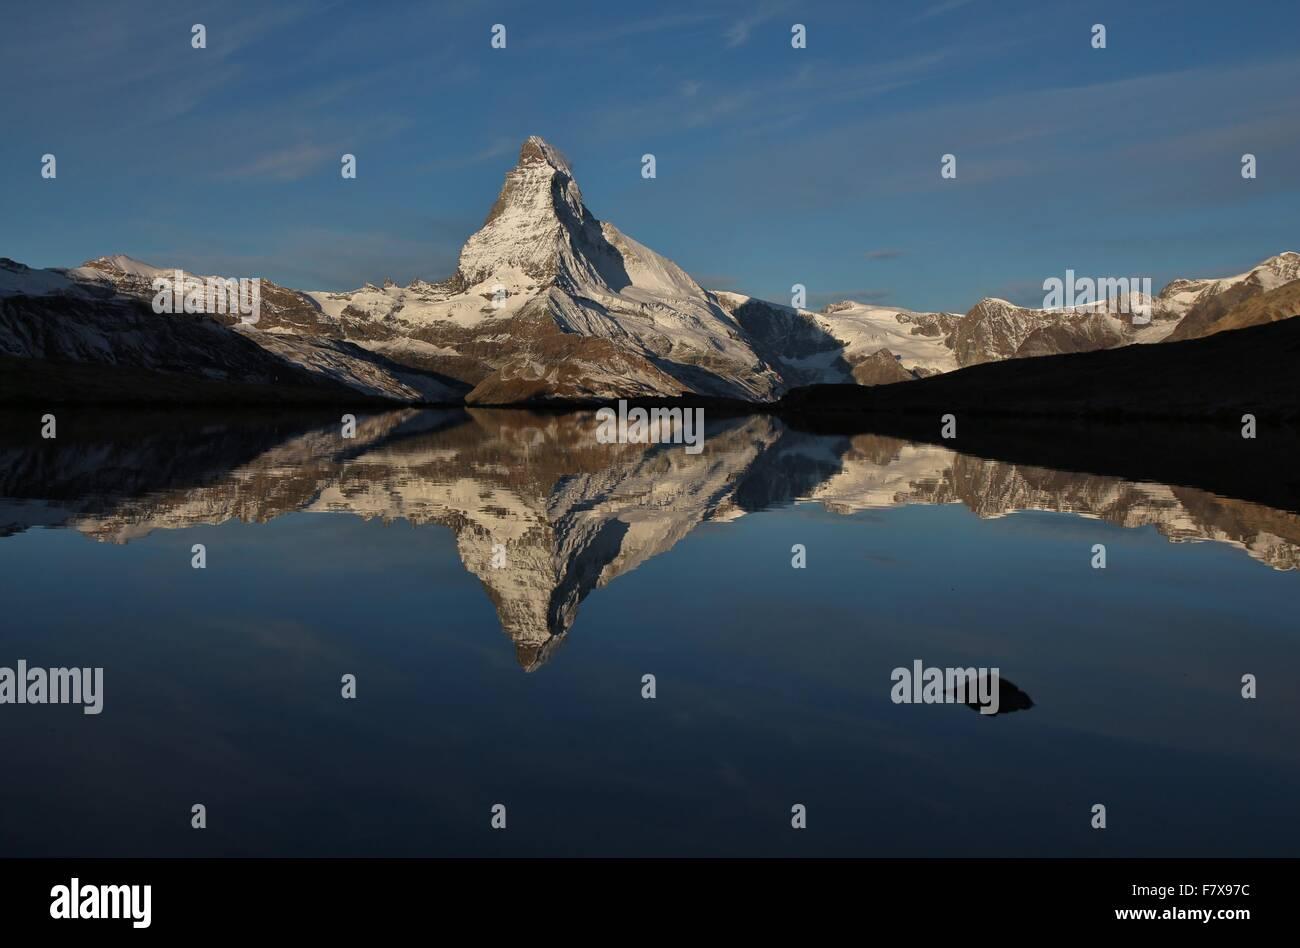 Snow capped Matterhorn mirroring in lake Stellisee - Stock Image